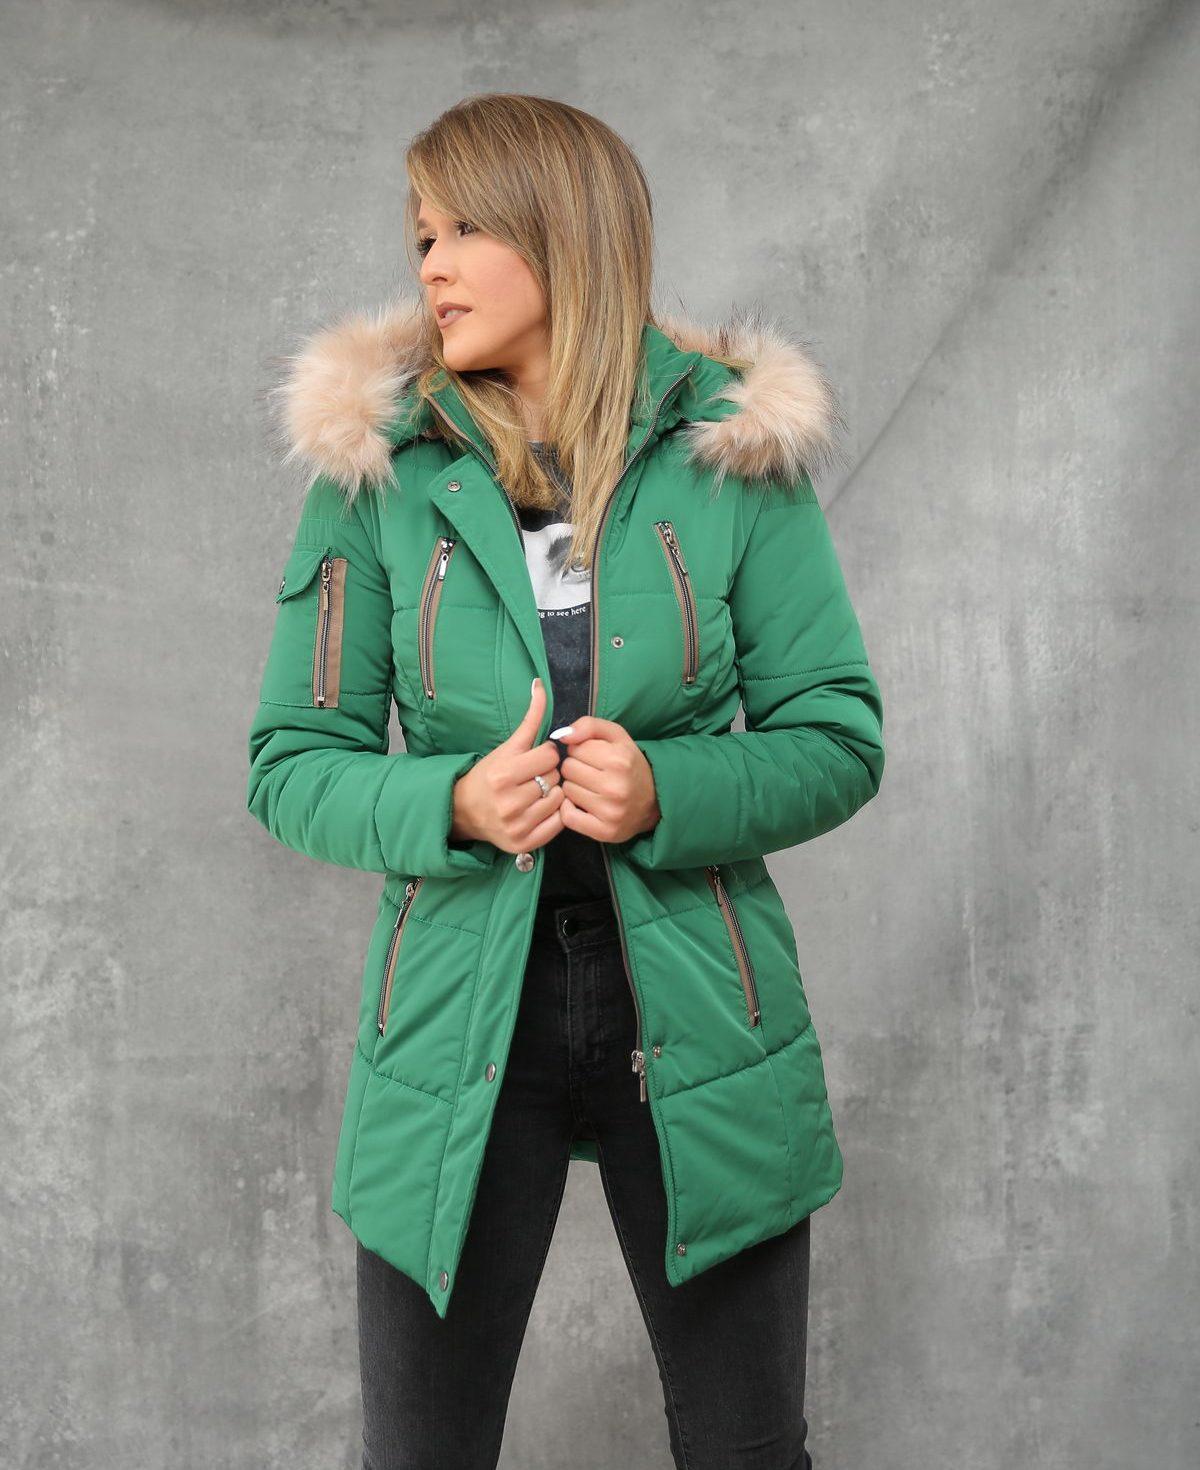 Ženska jakna ForteFashion model E4 (zelena)